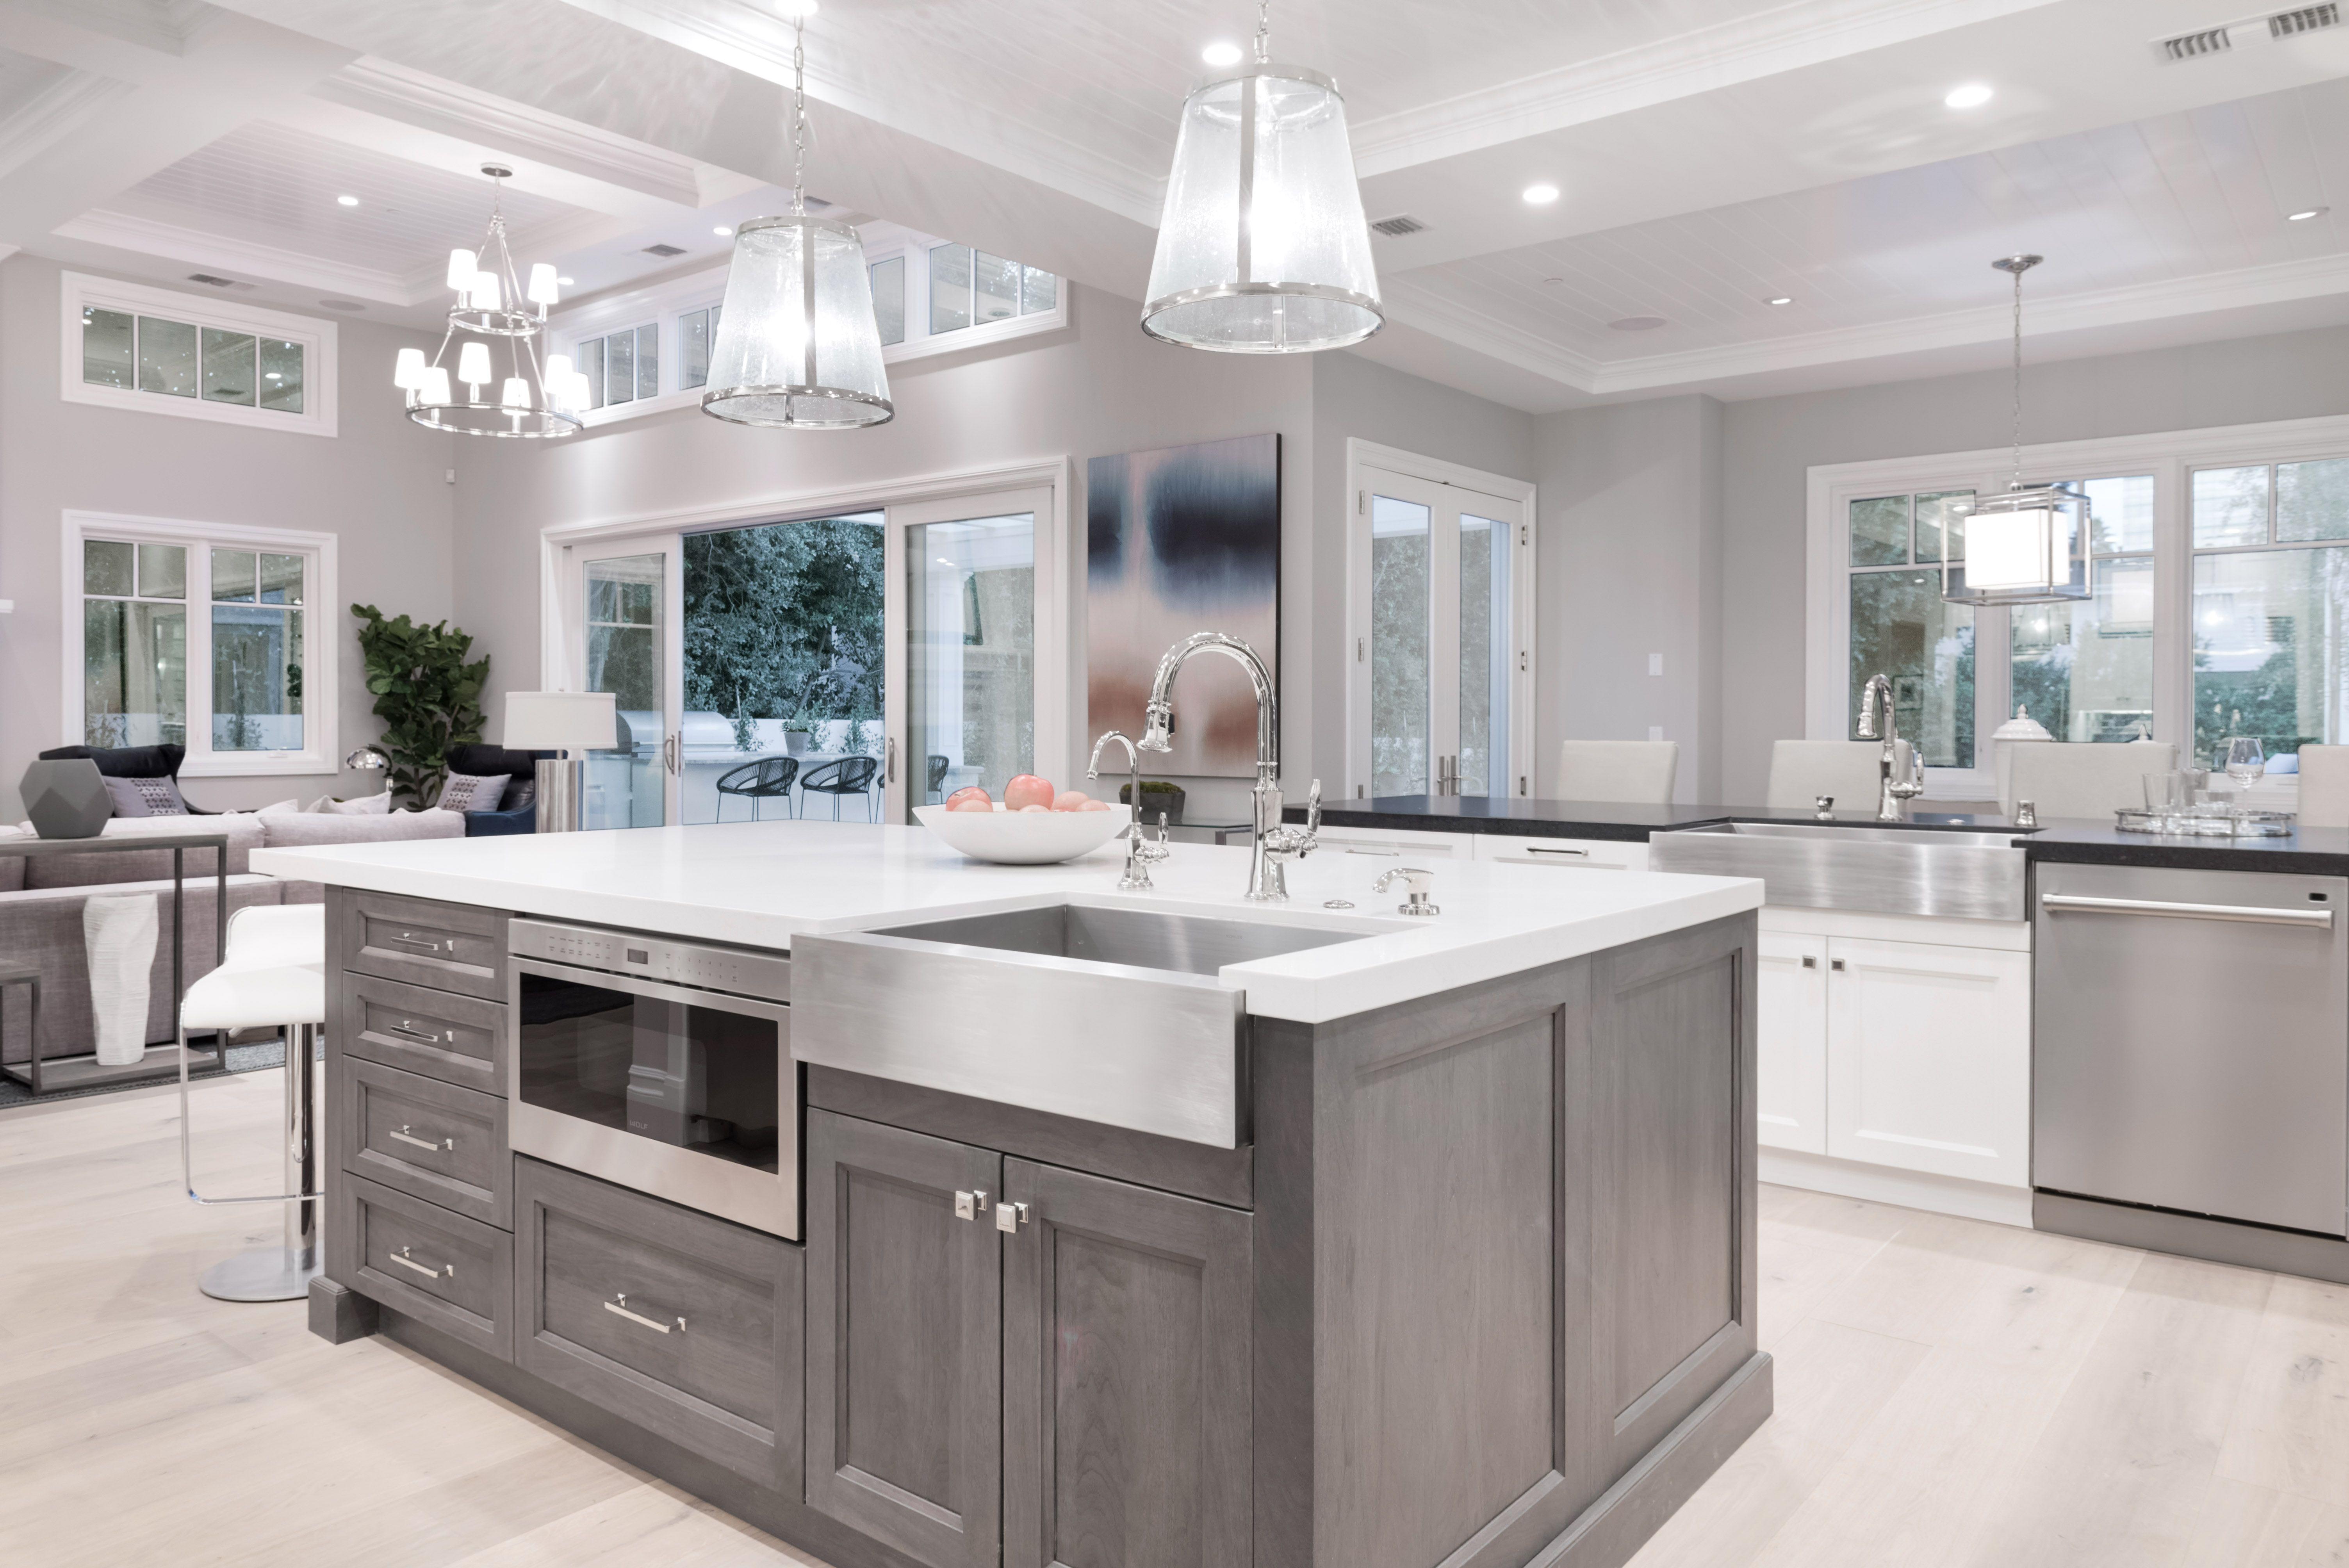 Kitchen, designer kitchen, white kitchen, wood ceilings